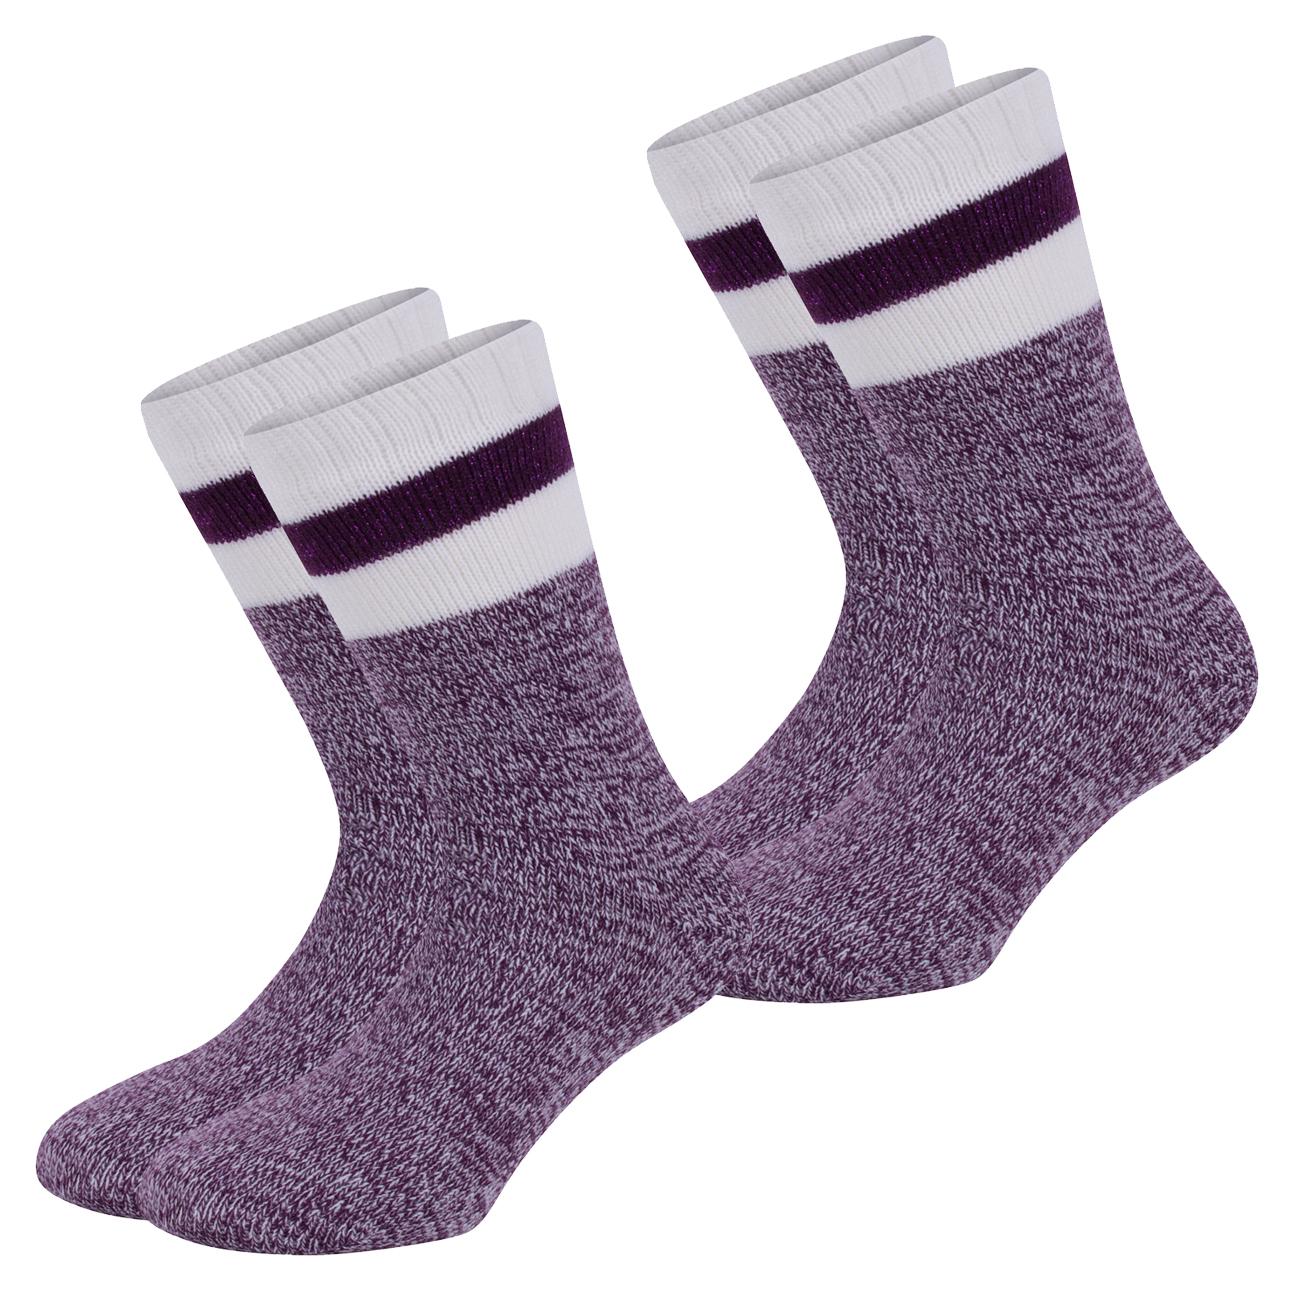 s.Oliver warme Damensocken ABS Home-und Hygge-Socks 2er Pack - verschiedene Farben.